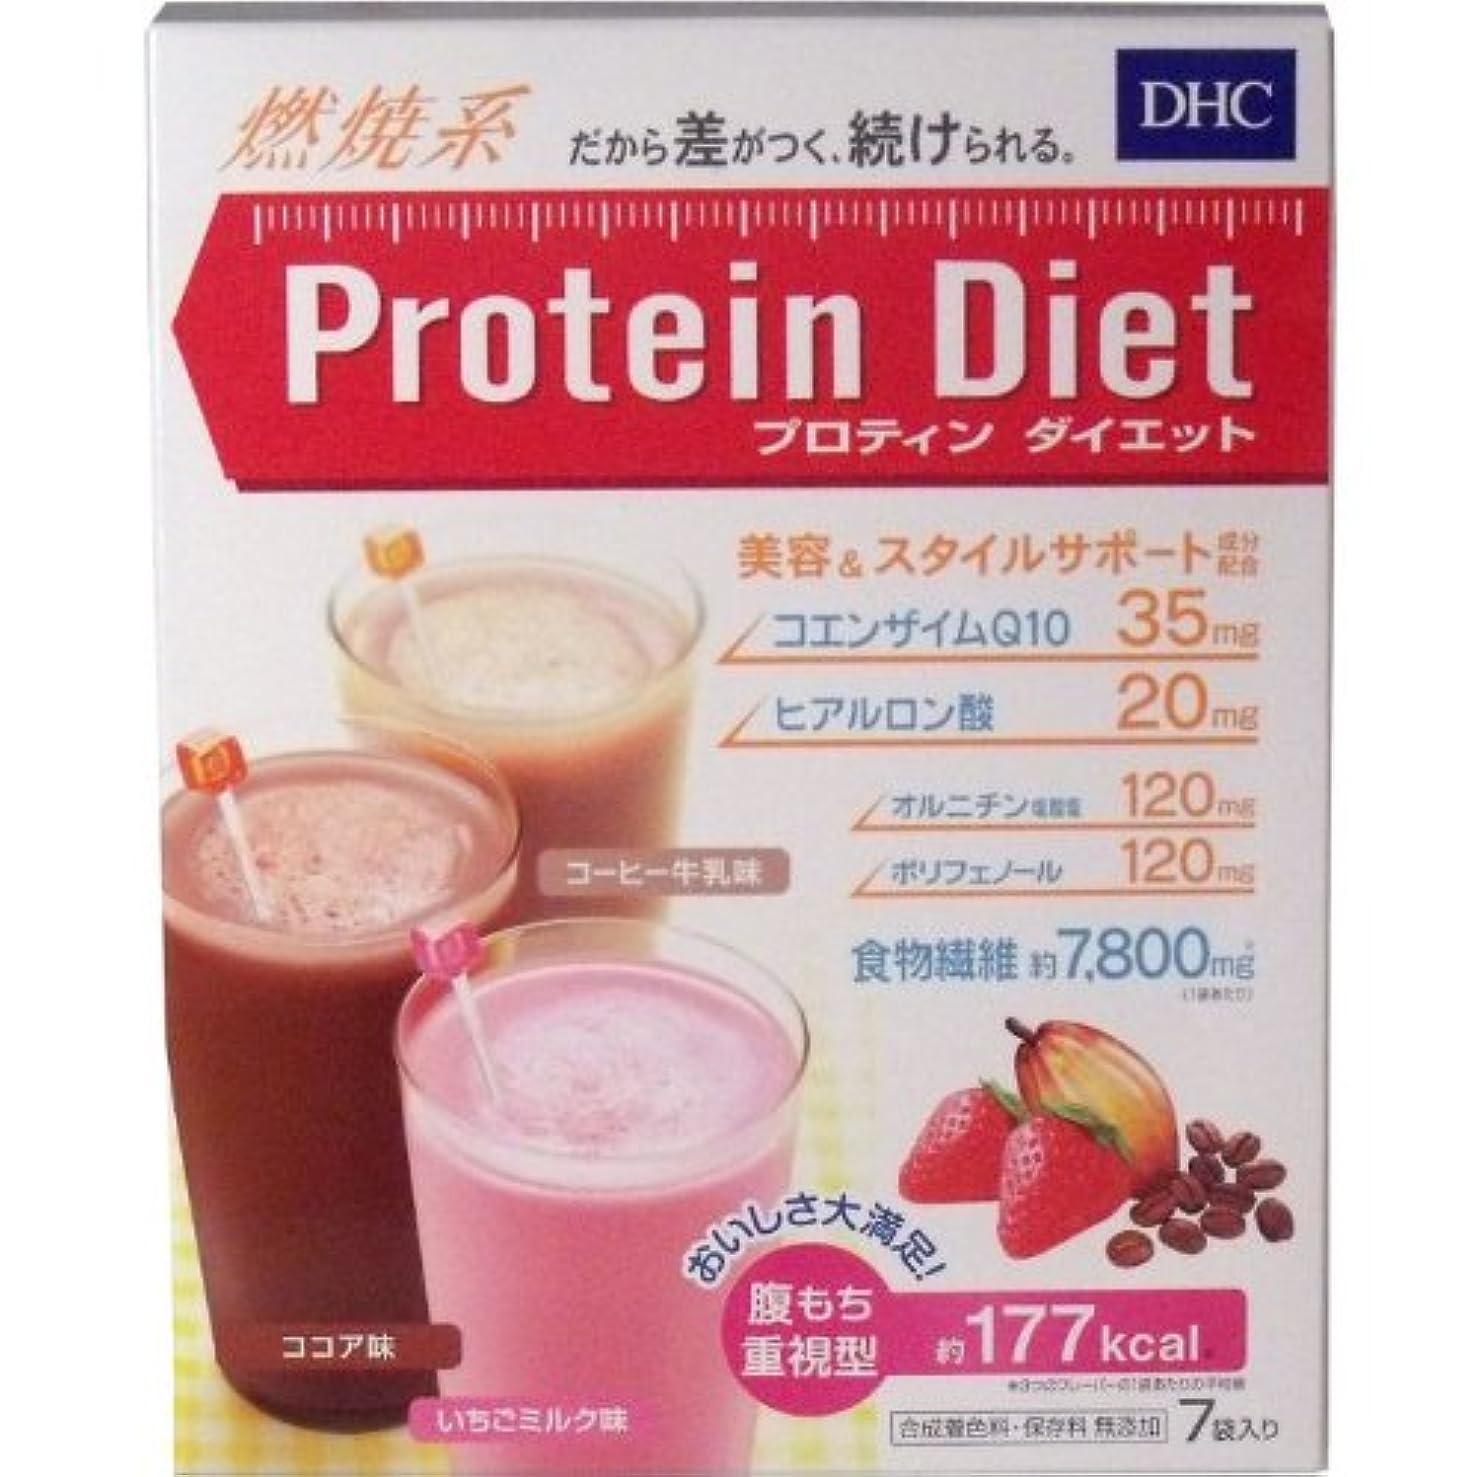 気性騙すバーDHC ダイエット 食品 腹もち重視型!7袋入 1週間分セット!